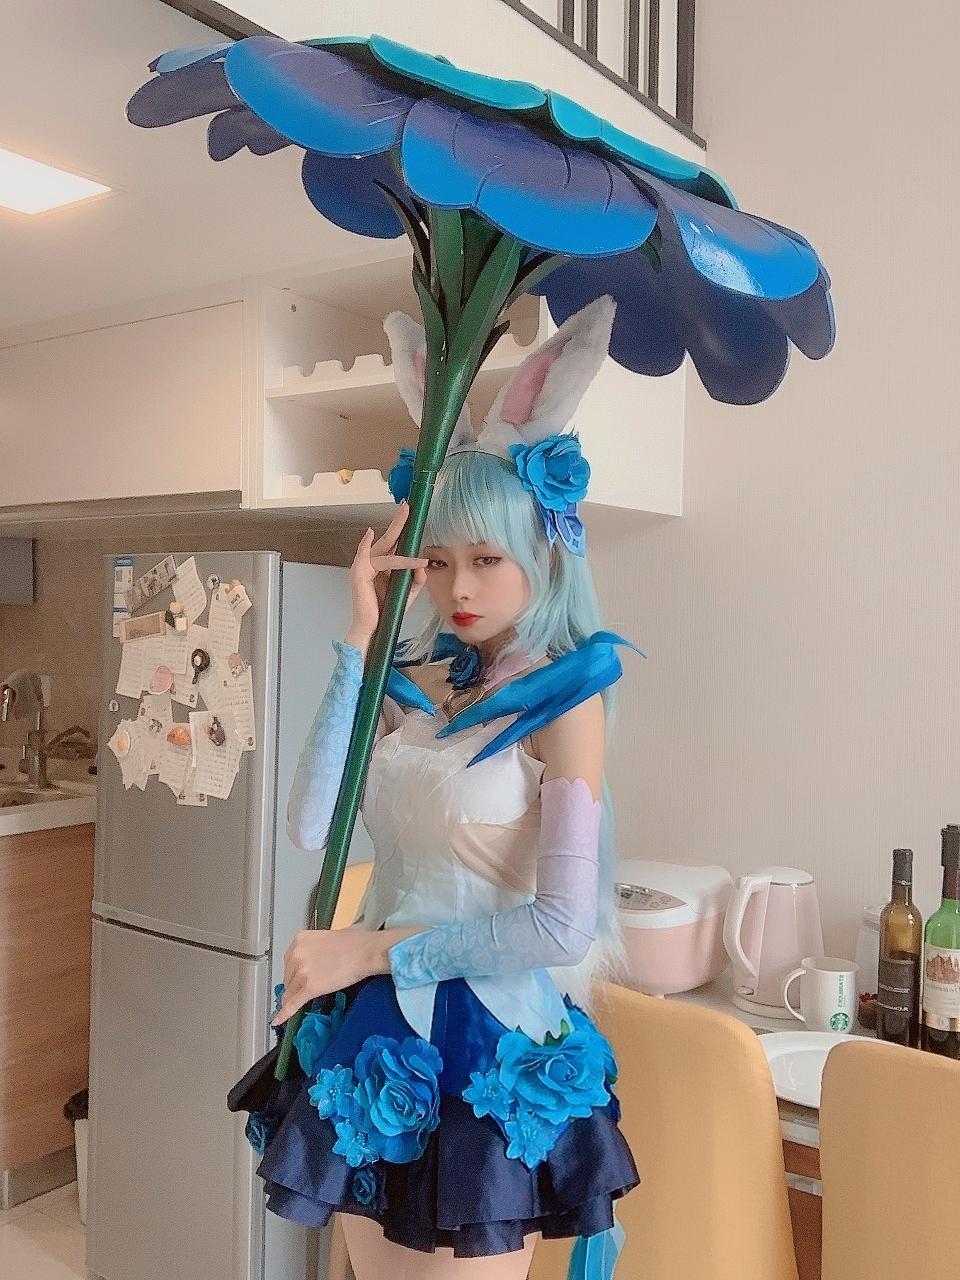 《王者荣耀》花间舞cosplay【CN:是御兔不是玉兔】 -美女图片cosplaycf插图